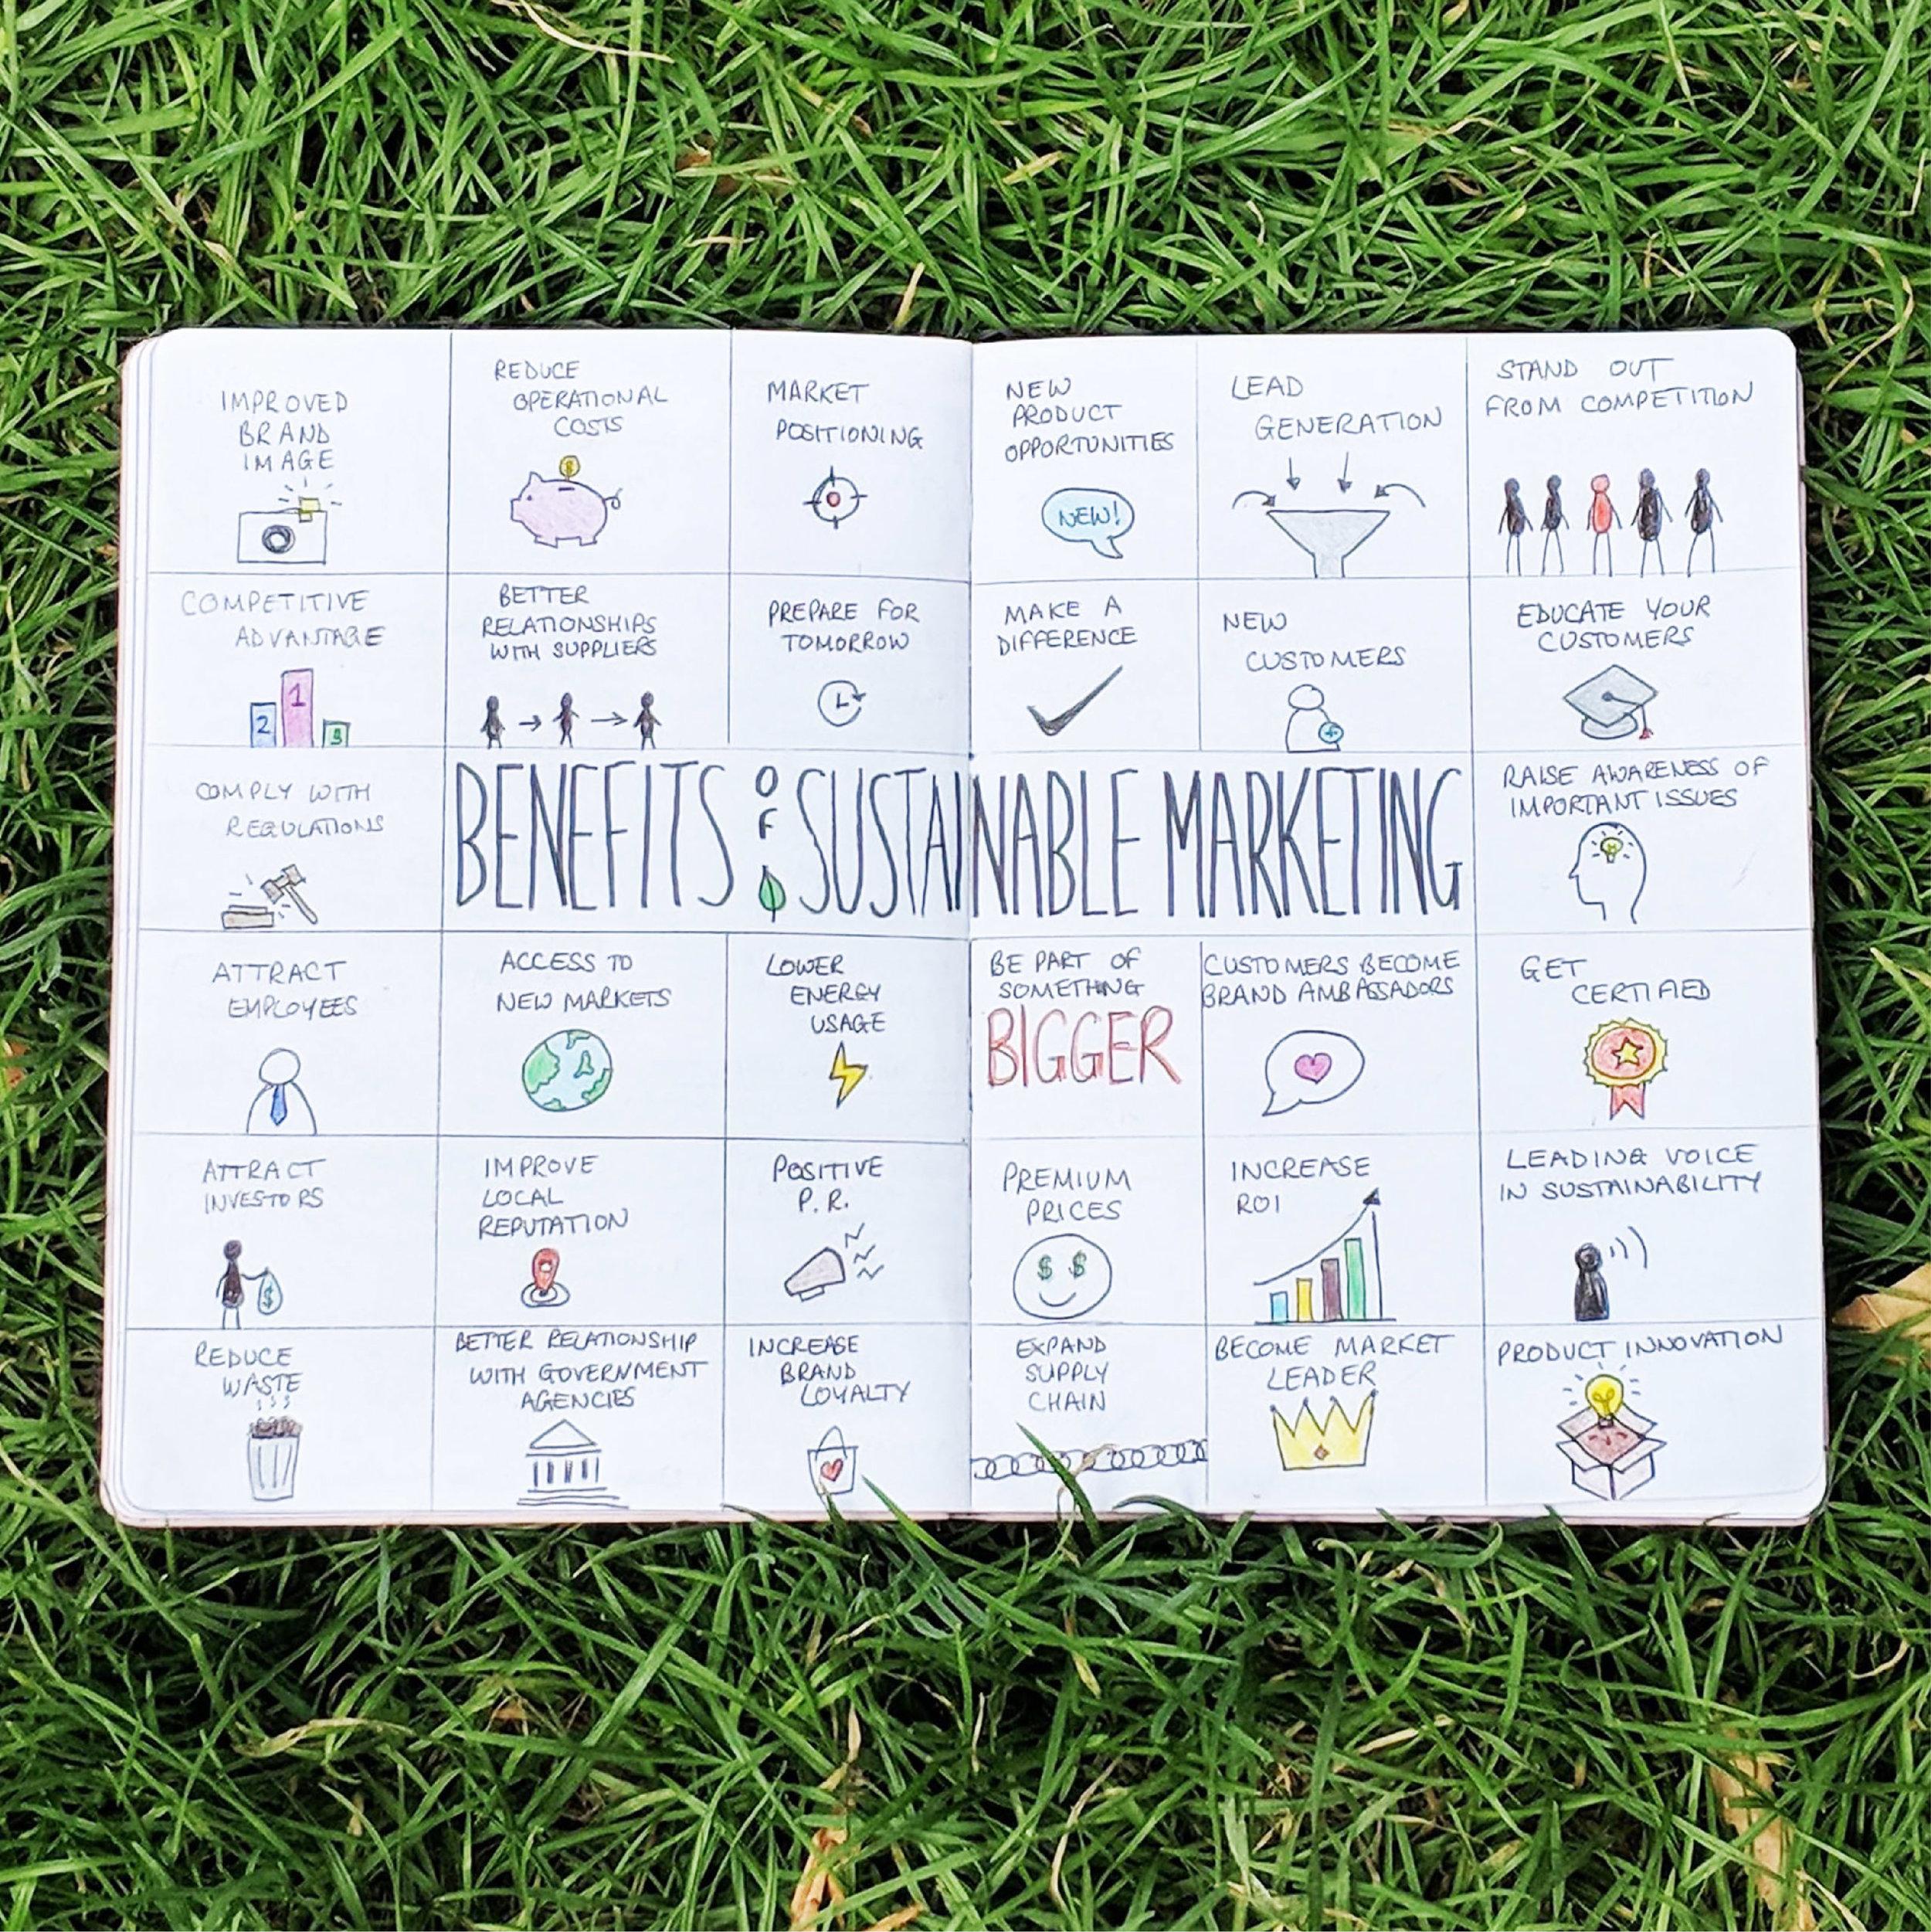 Week34-SustainableMarketing_InBlog_1 copy 12.jpg